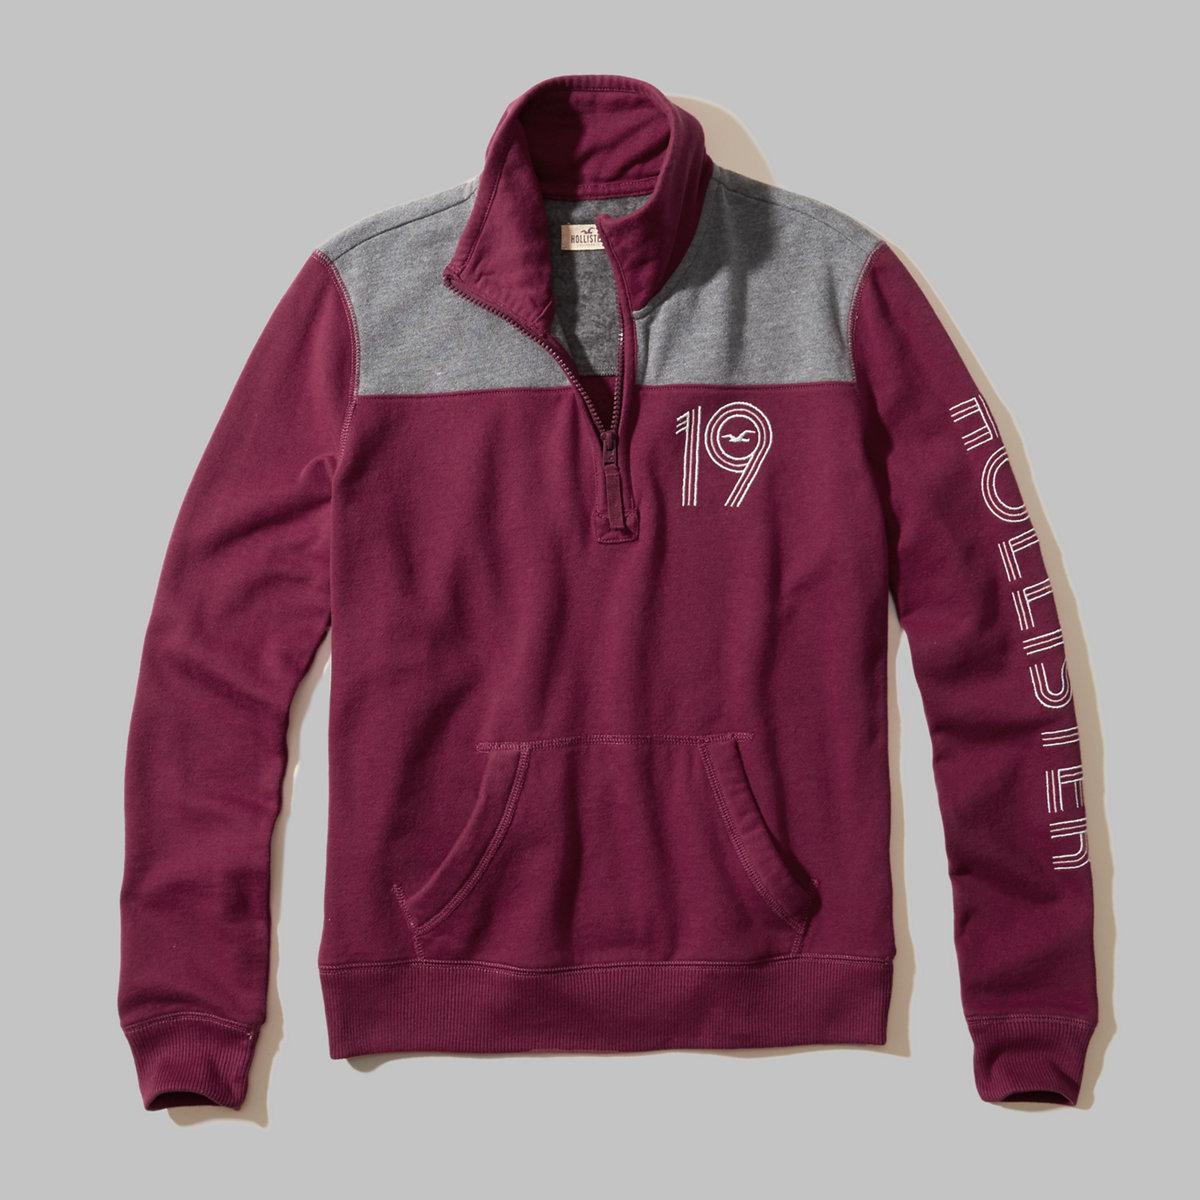 Colorblock Graphic Half-Zip Sweatshirt